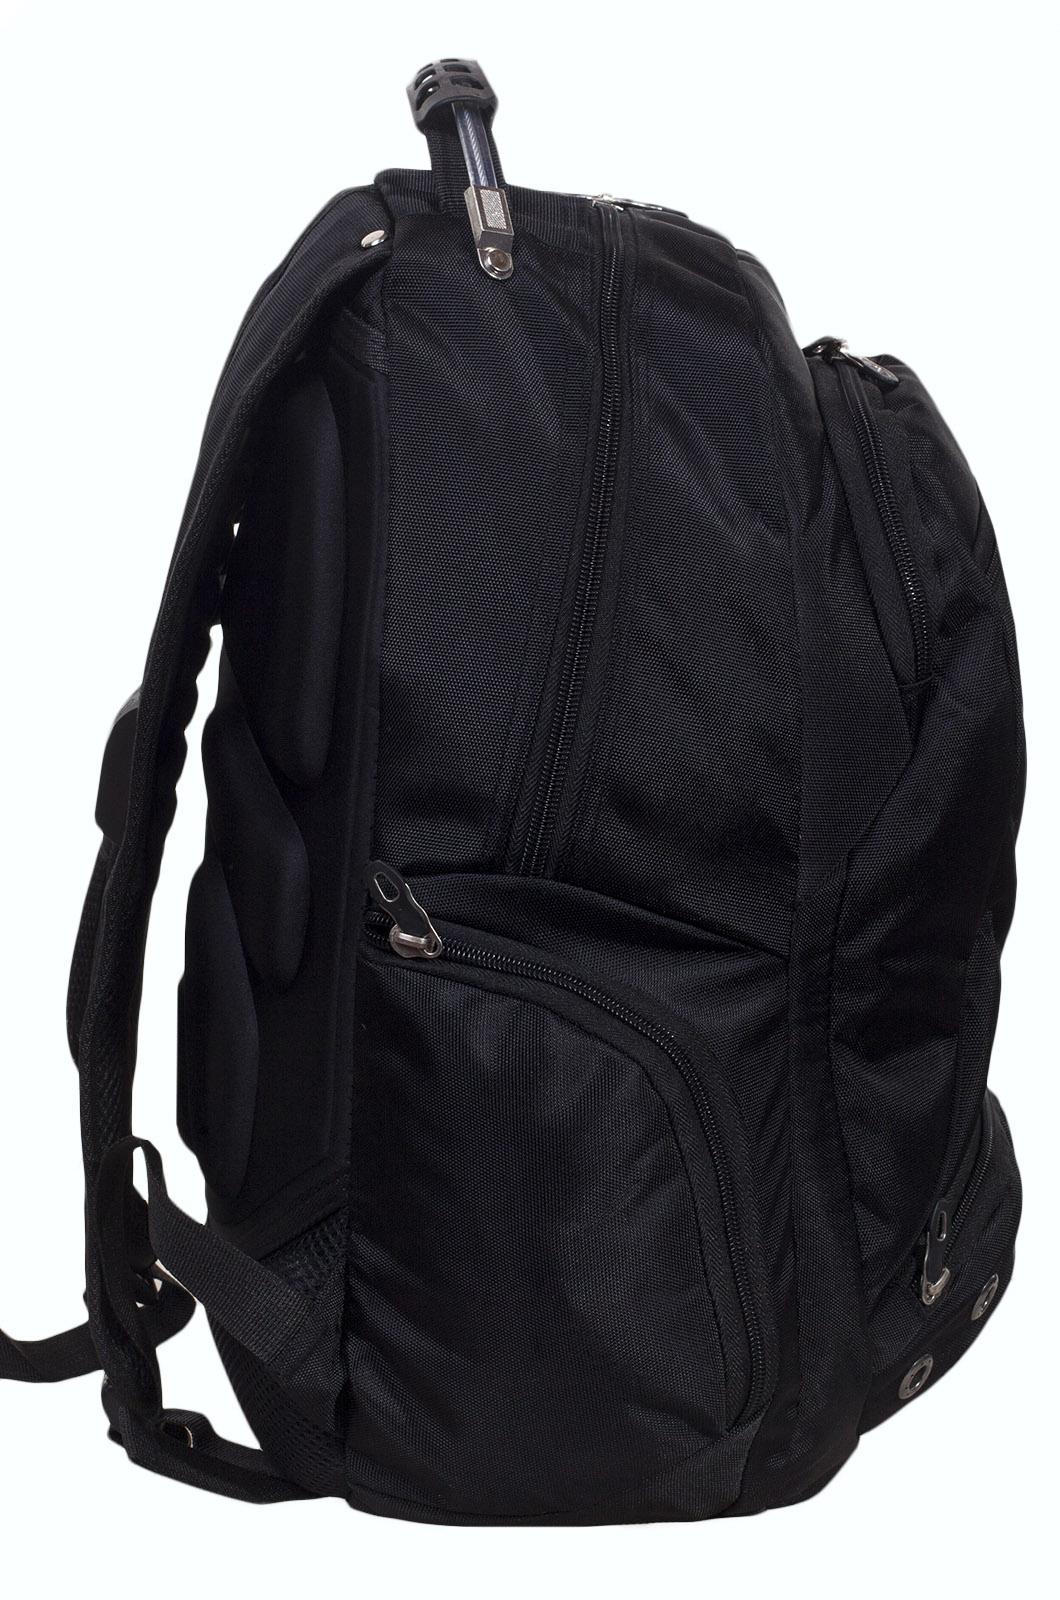 Заказать рюкзак для города и спорта с шевроном Герб России